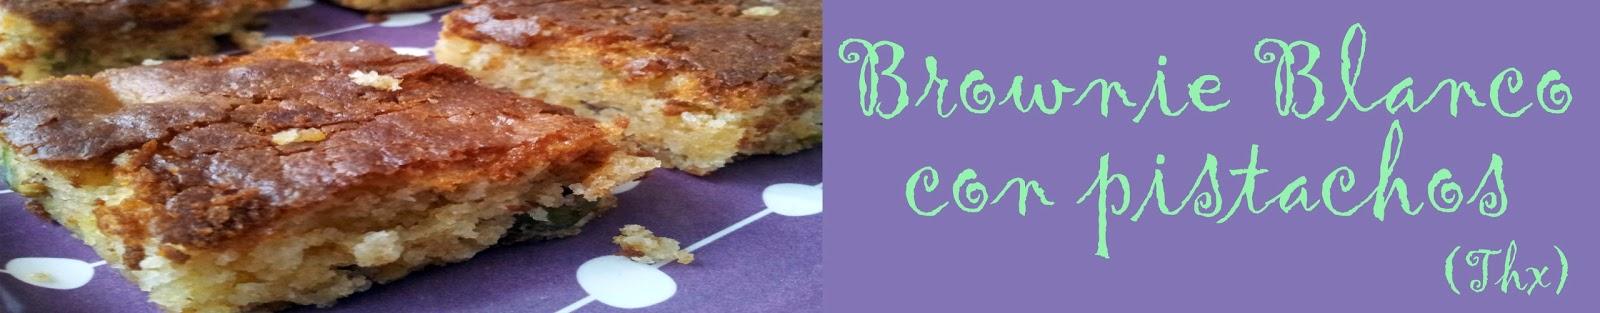 http://deliciaskawaii.blogspot.com.es/2014/02/propuesta-para-el-14f-brownie-de.html